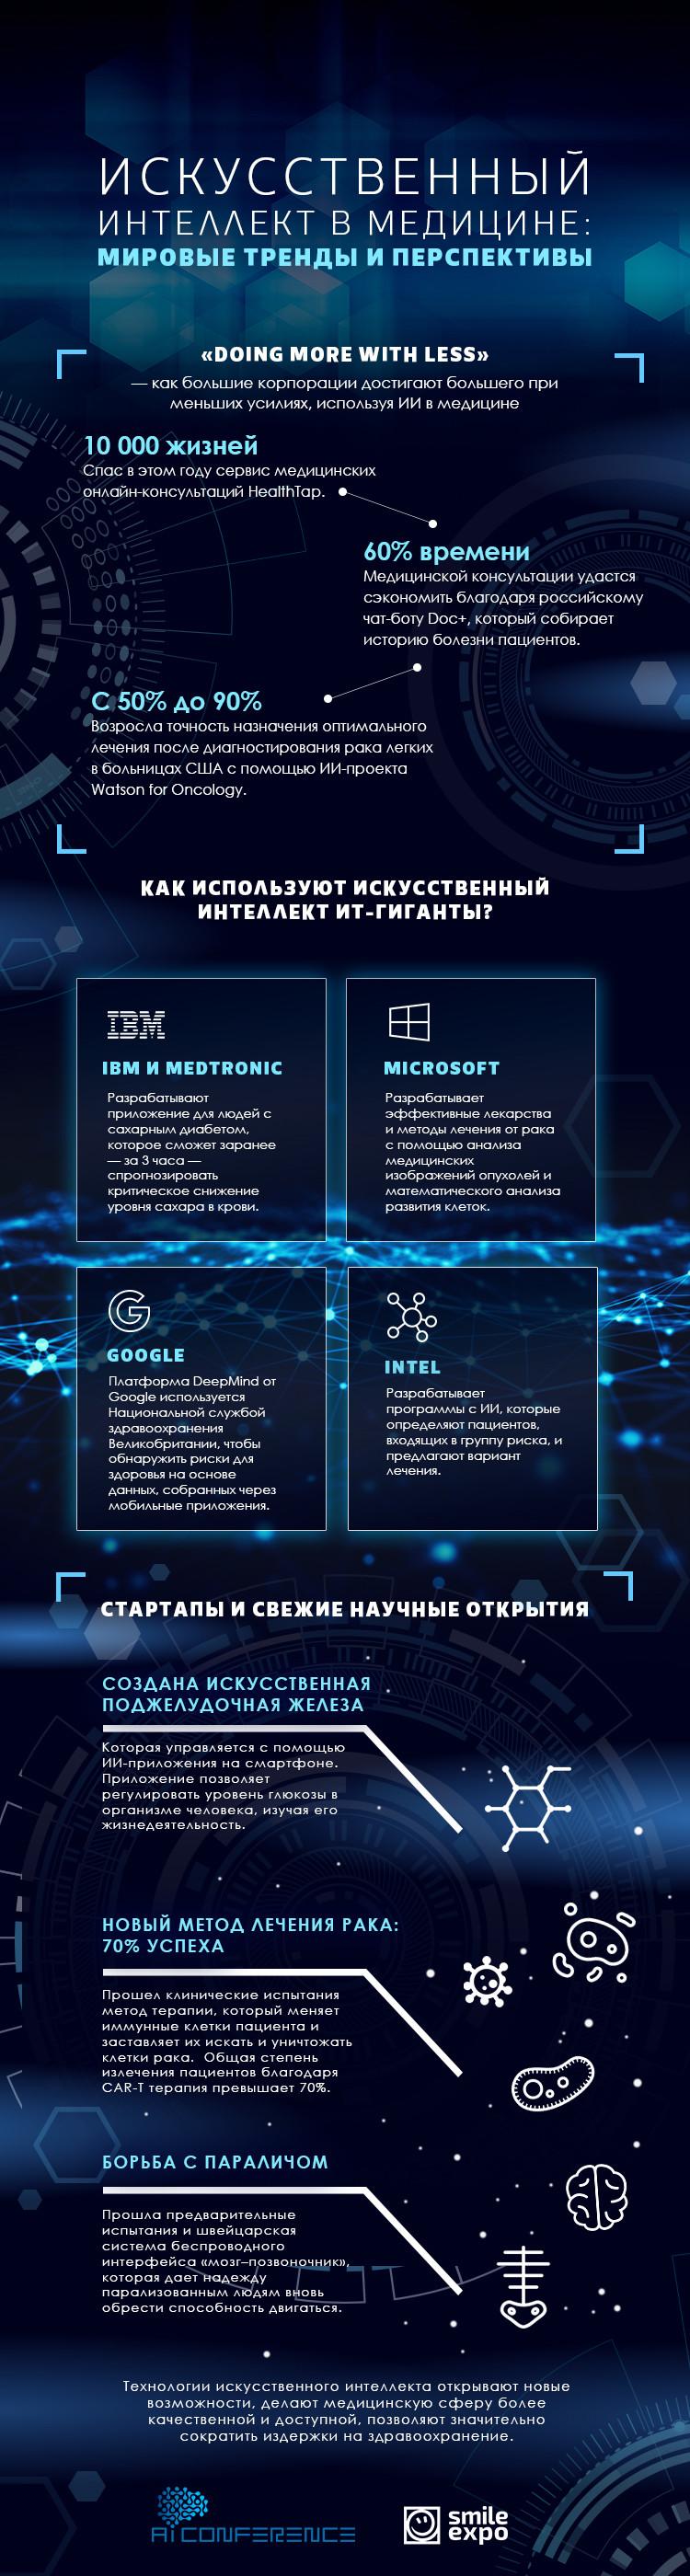 AI Conference: Iskusstvennyiy intellekt v meditsine: mirovyie trendyi i perspektivyi 1